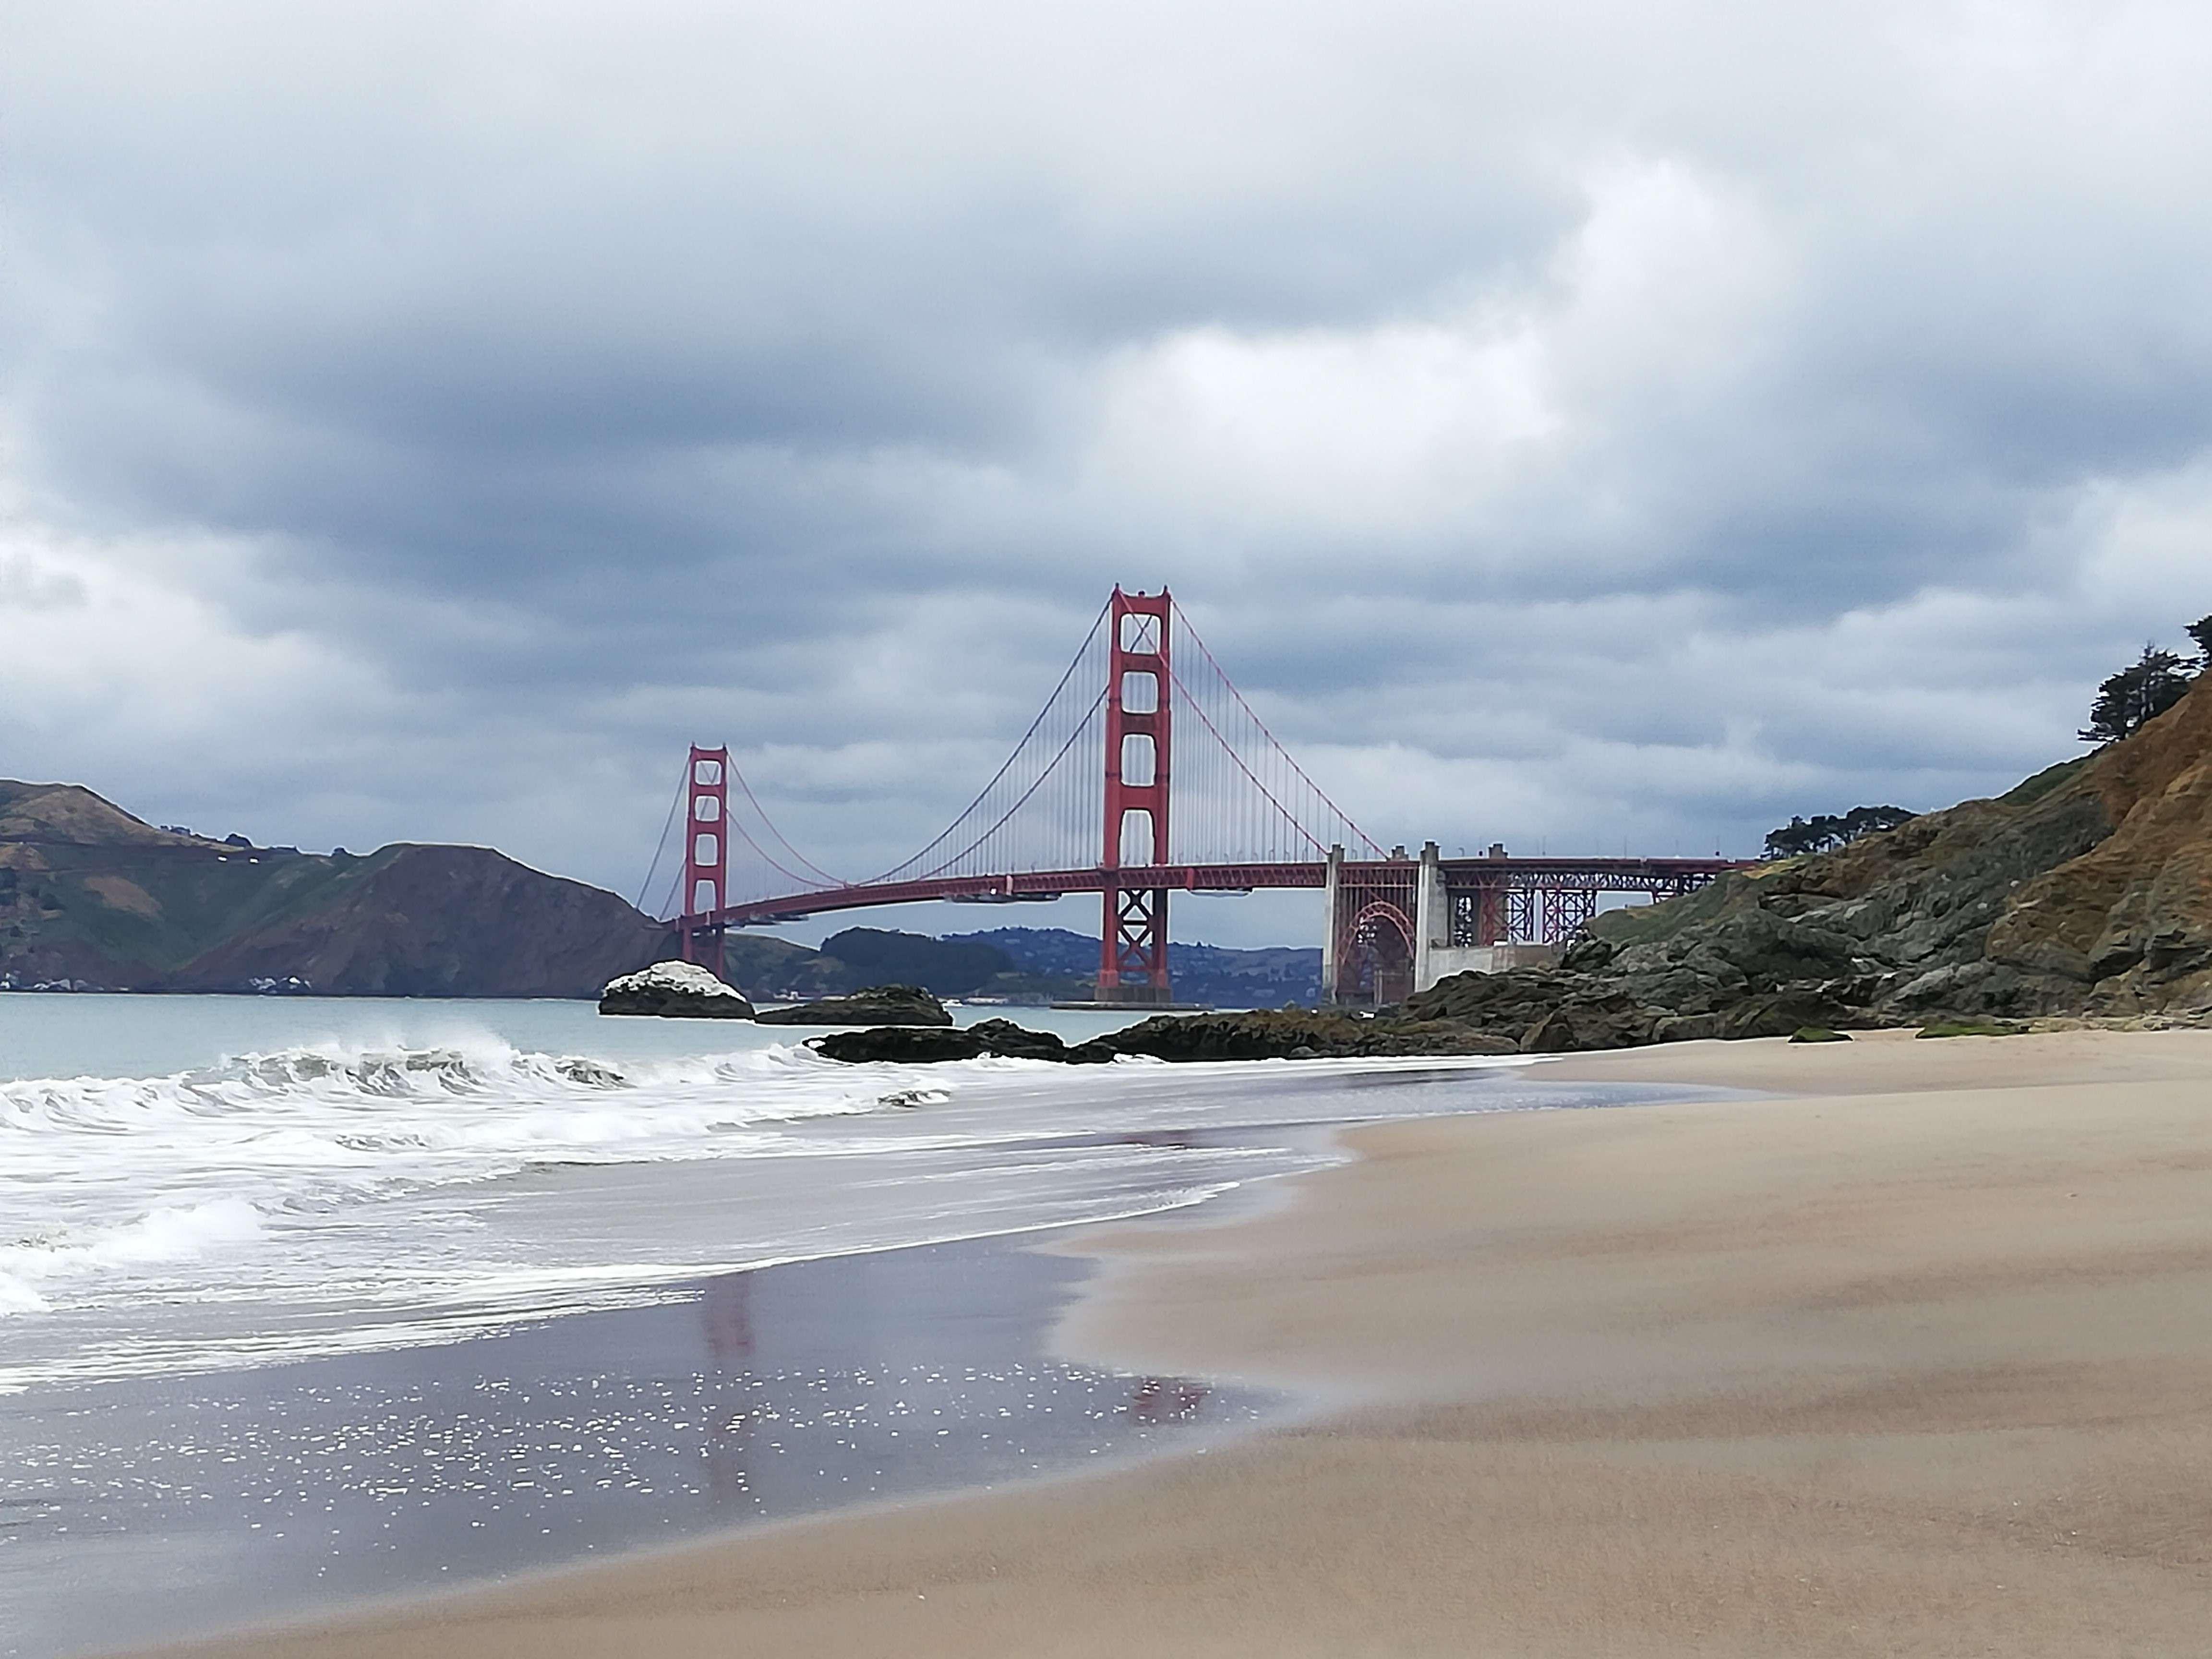 Les 5 incontournables de San Francisco en 3 jours